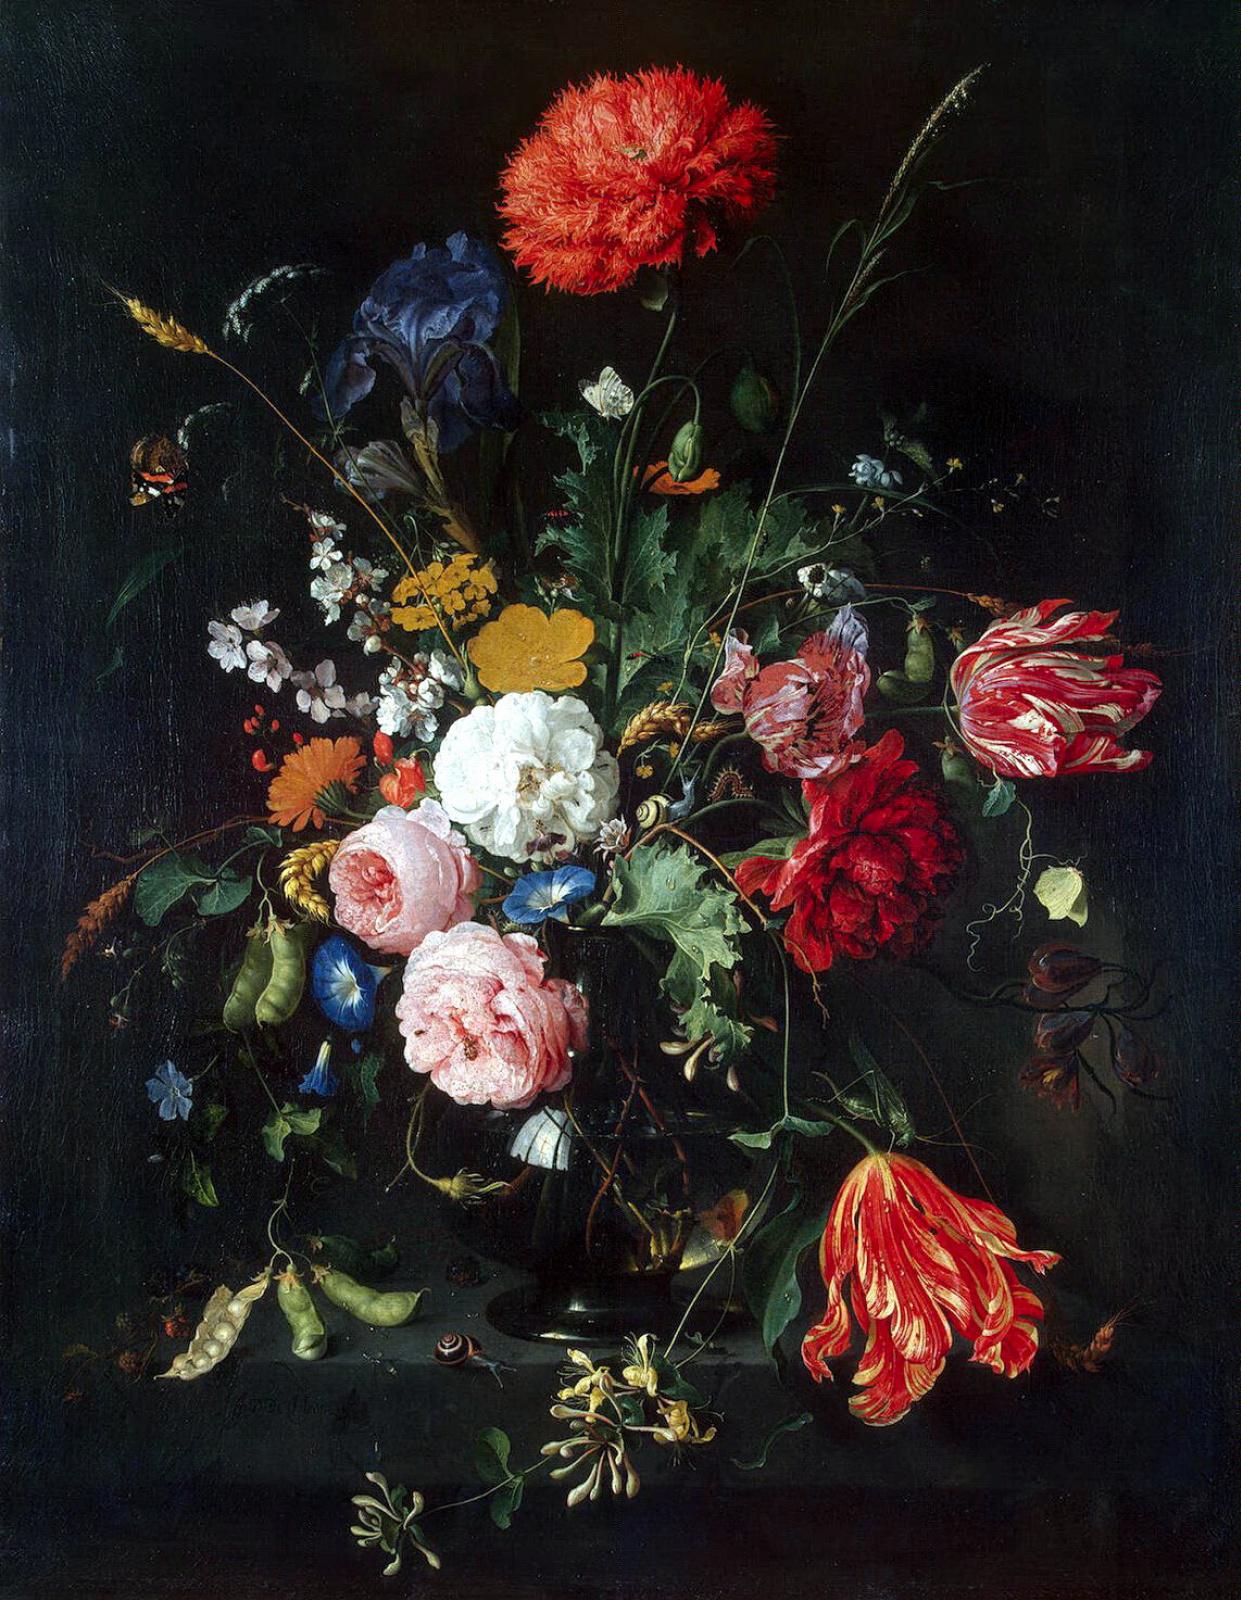 Ян Давидс де Хем. Цветы в вазе